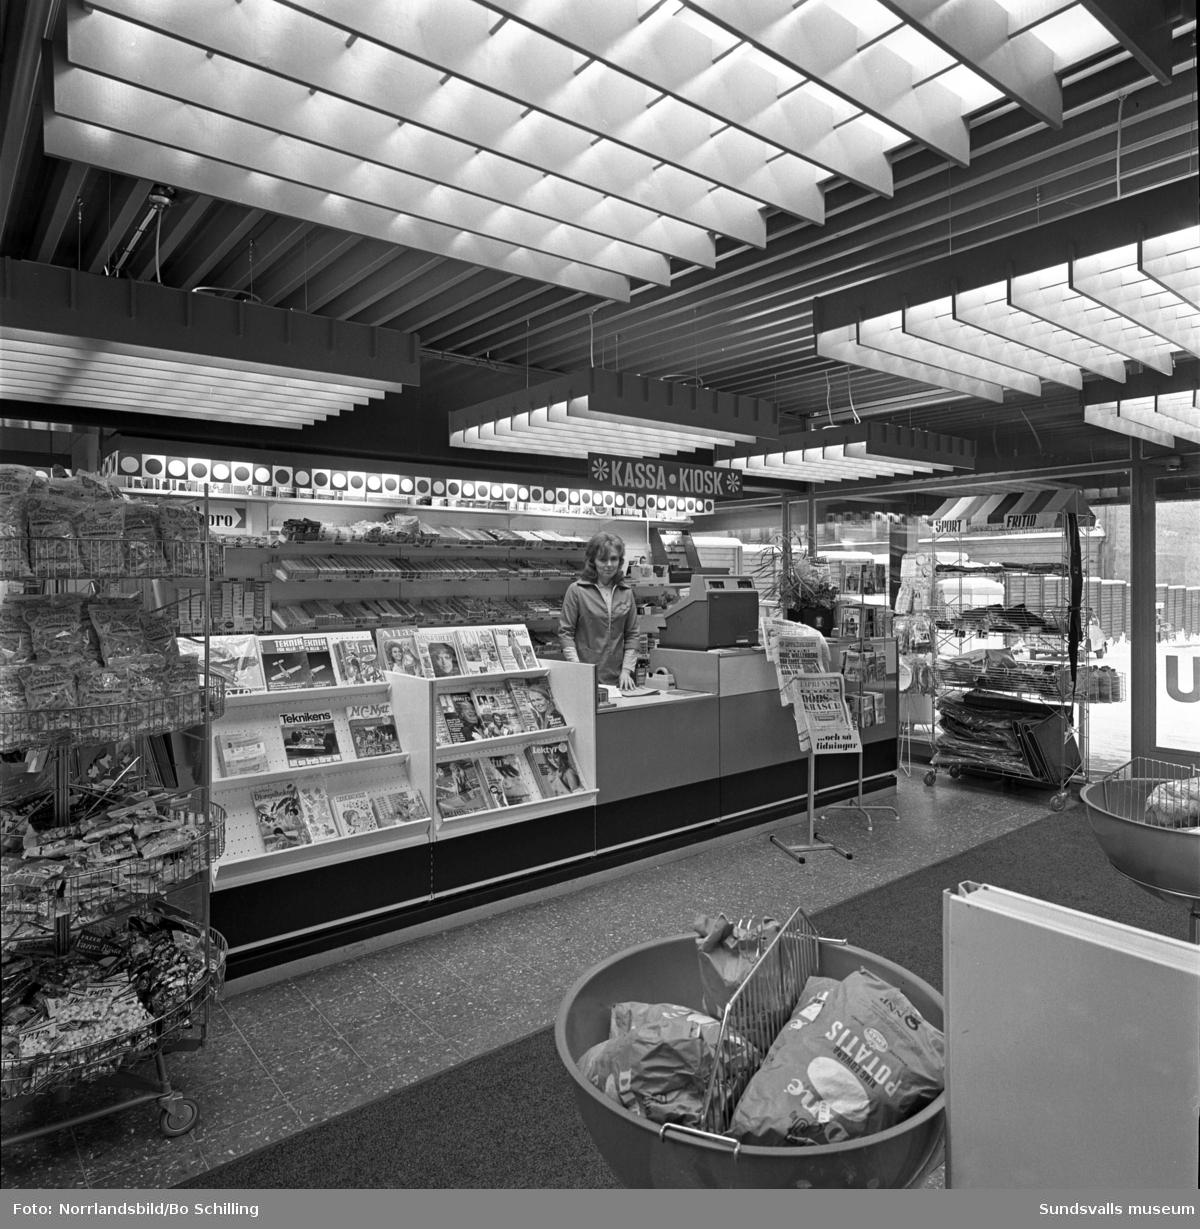 Shell bensinmack vid Rådhusgatan invid Skolhusallén, en modern mack med stort utbud av livsmedel, kläder och automater för varma och kalla drycker. Exteriör- och interiörbilder.